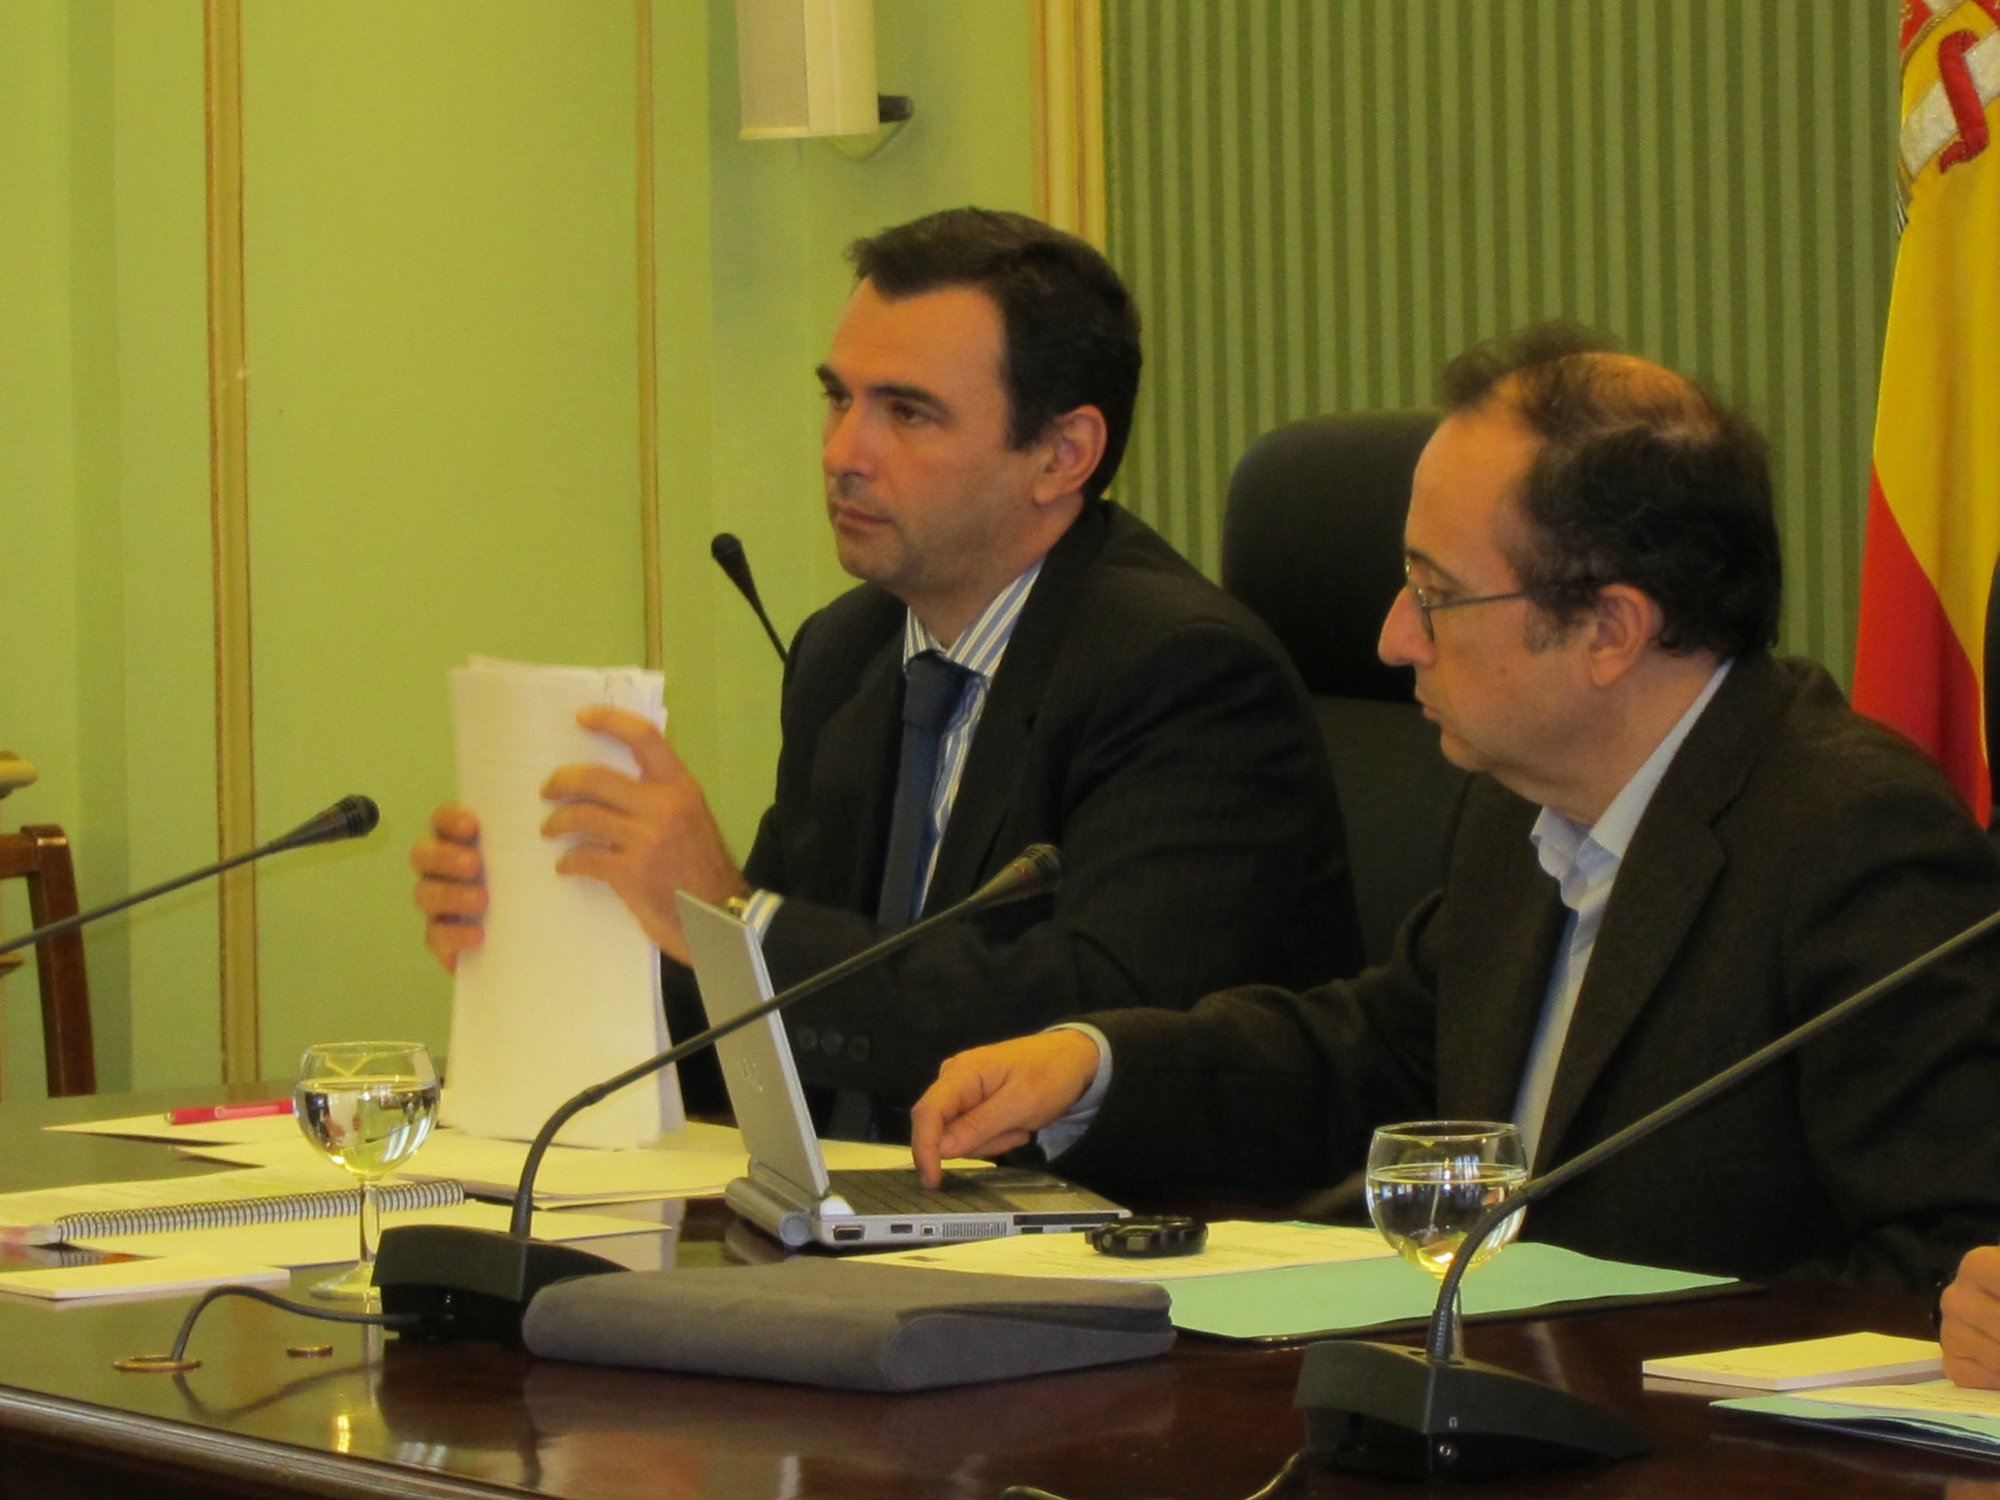 Ruiz niega injerencias en IB3 y cree que las denuncias del SPIB responden a una «campaña orquestada» del PSIB